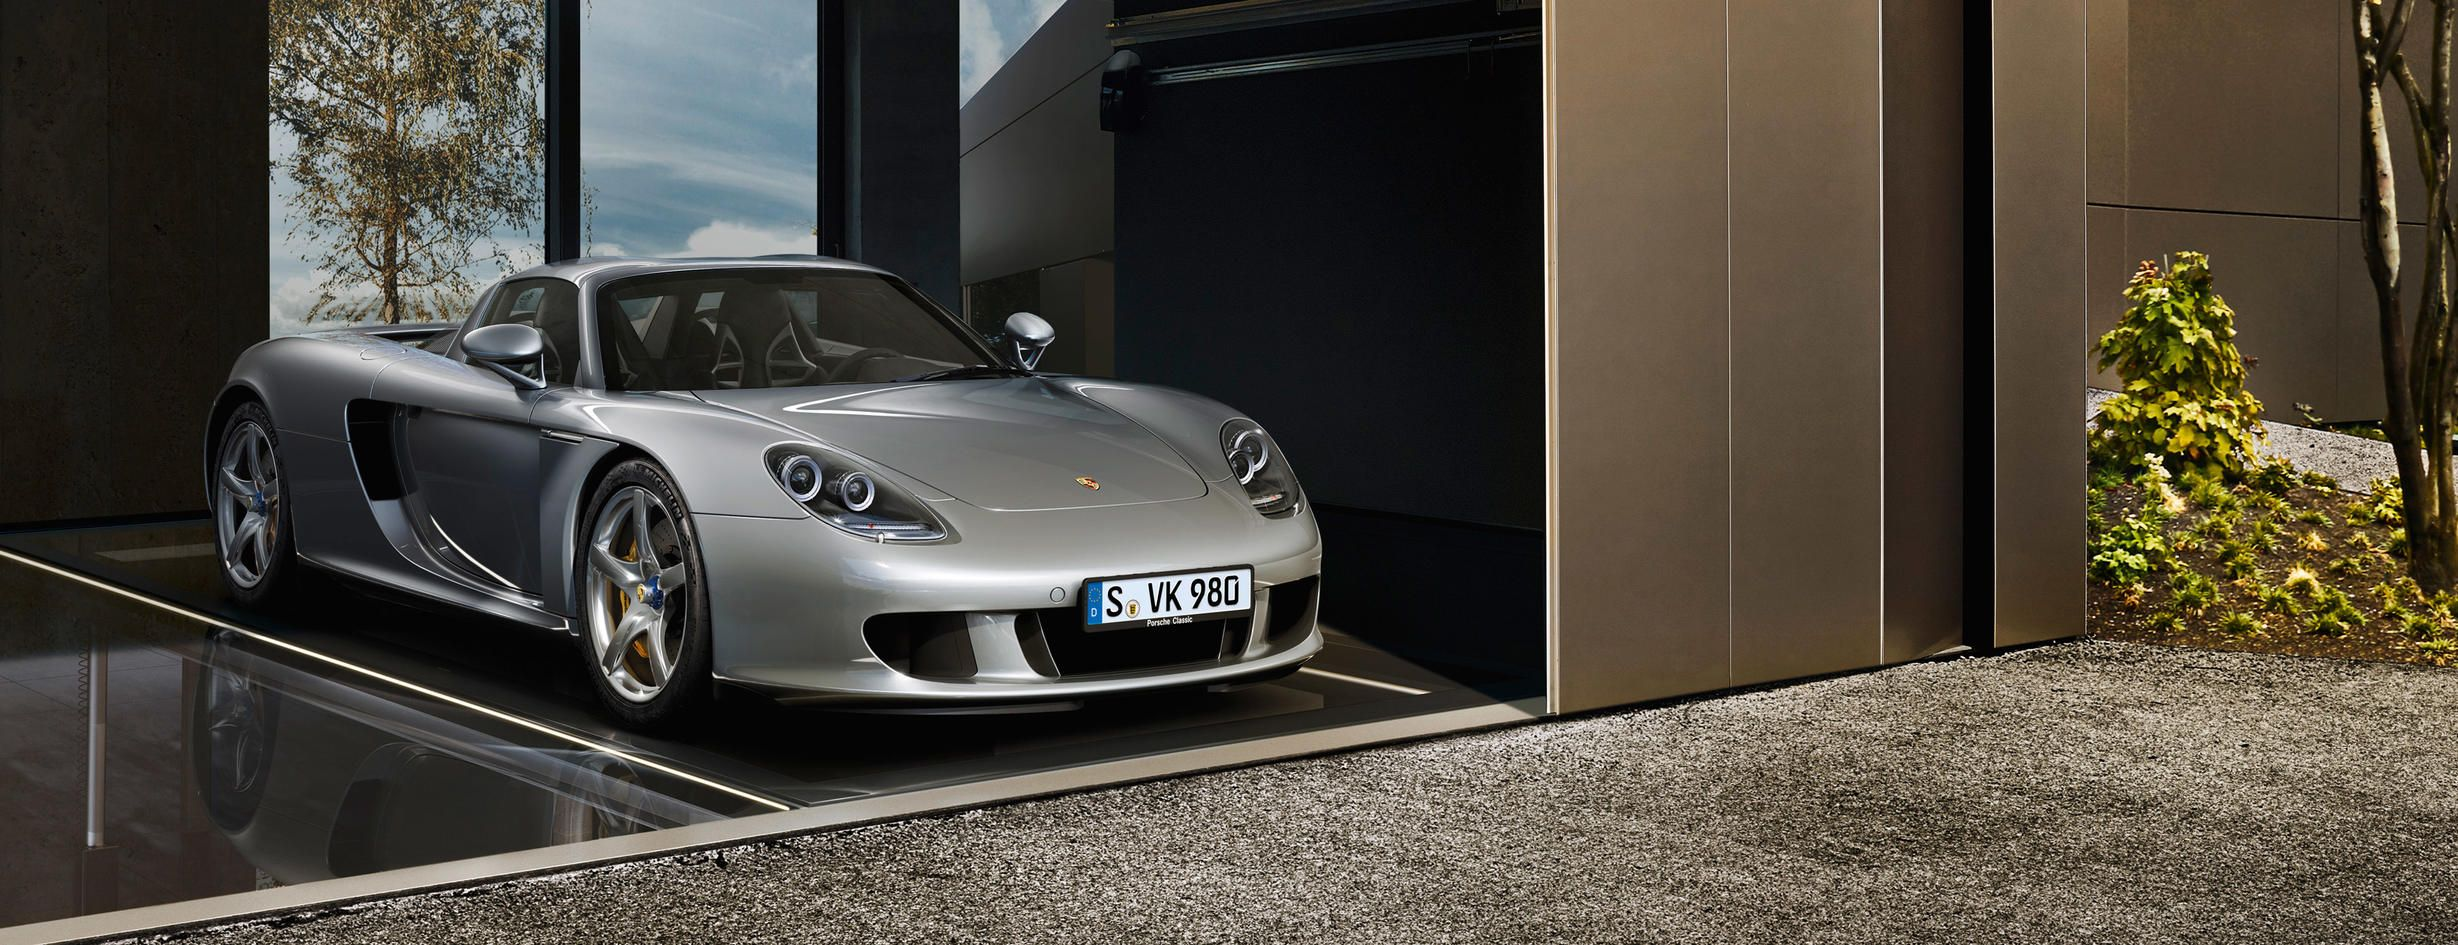 980. Porsche Carrera GT 2003-2006